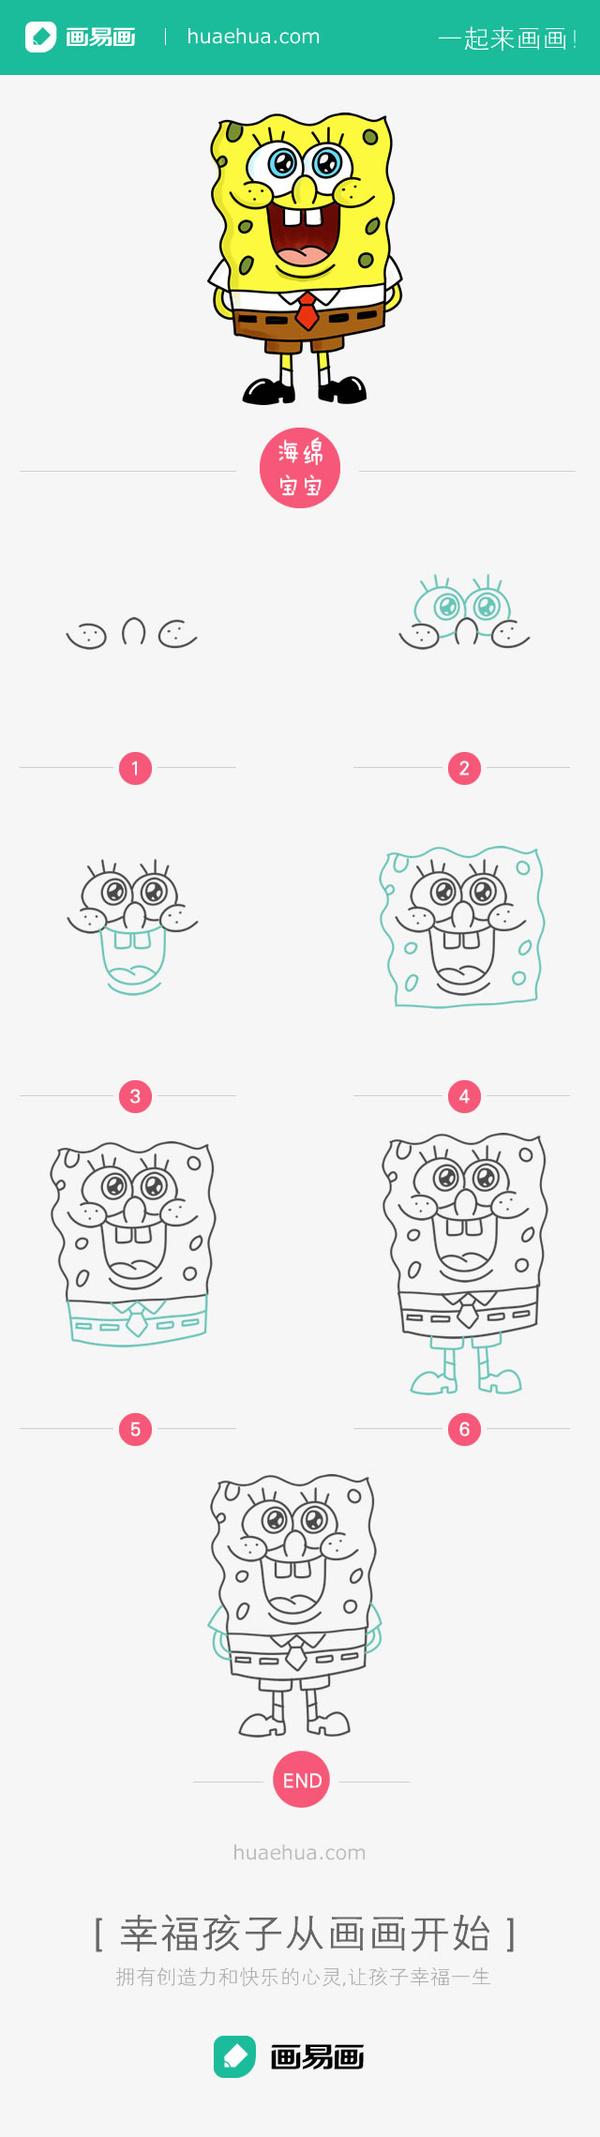 和我一起画简笔画海绵宝宝